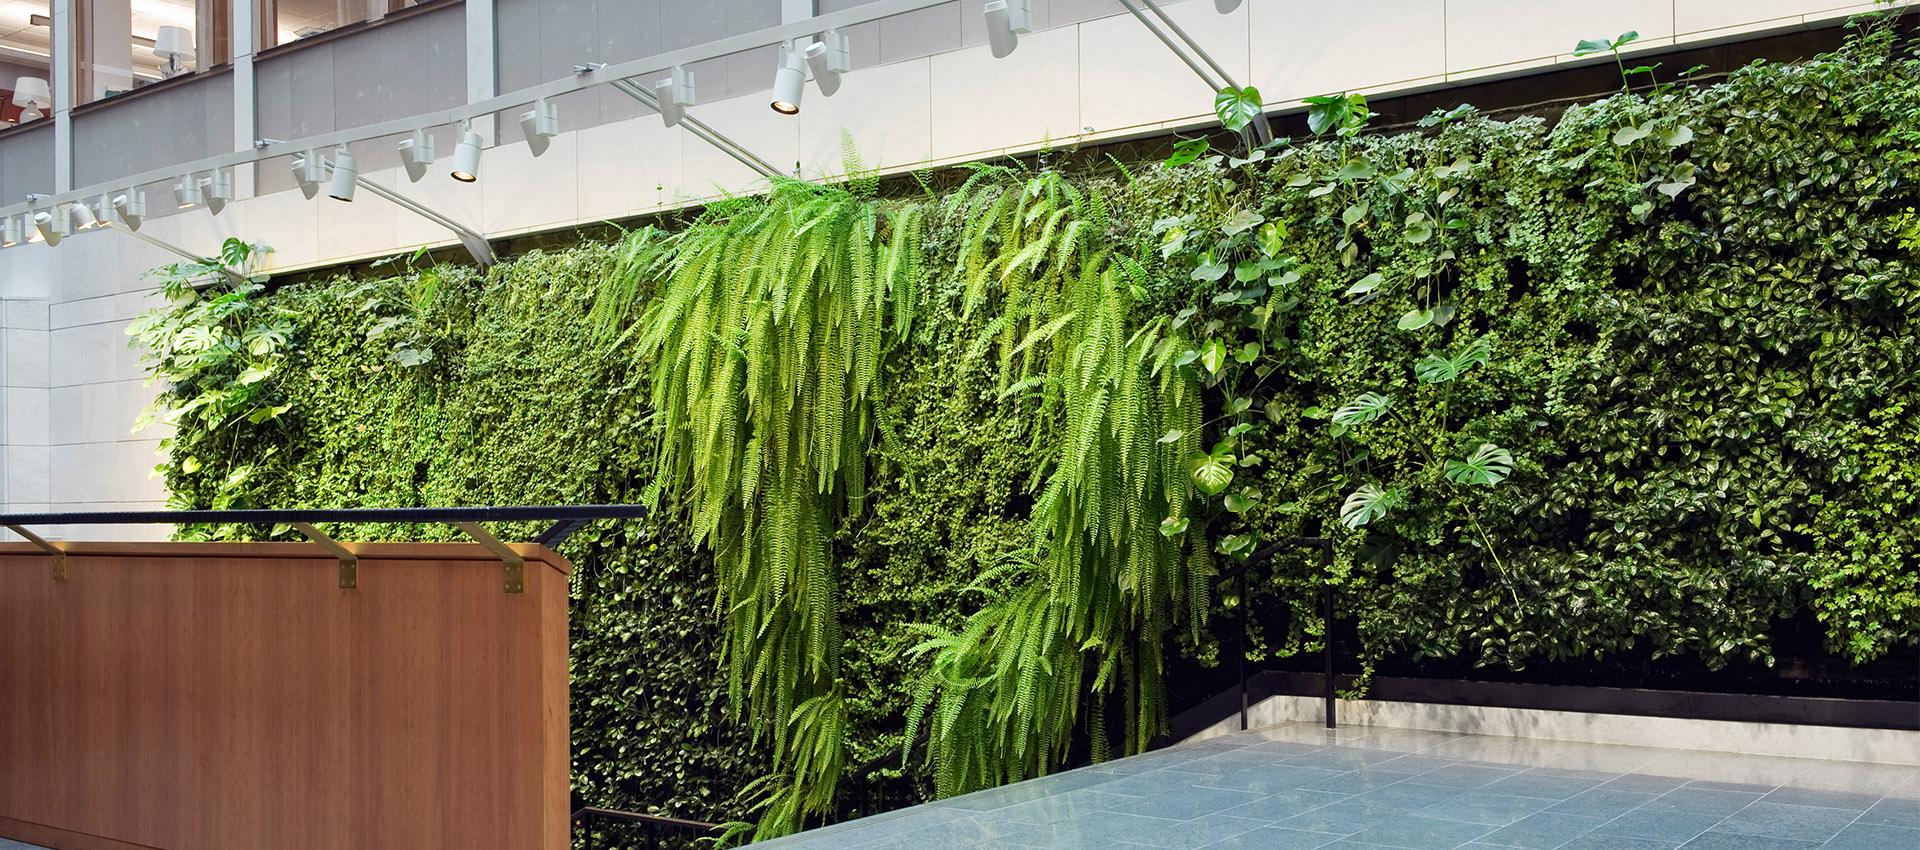 植物墻是怎樣保證存活率的